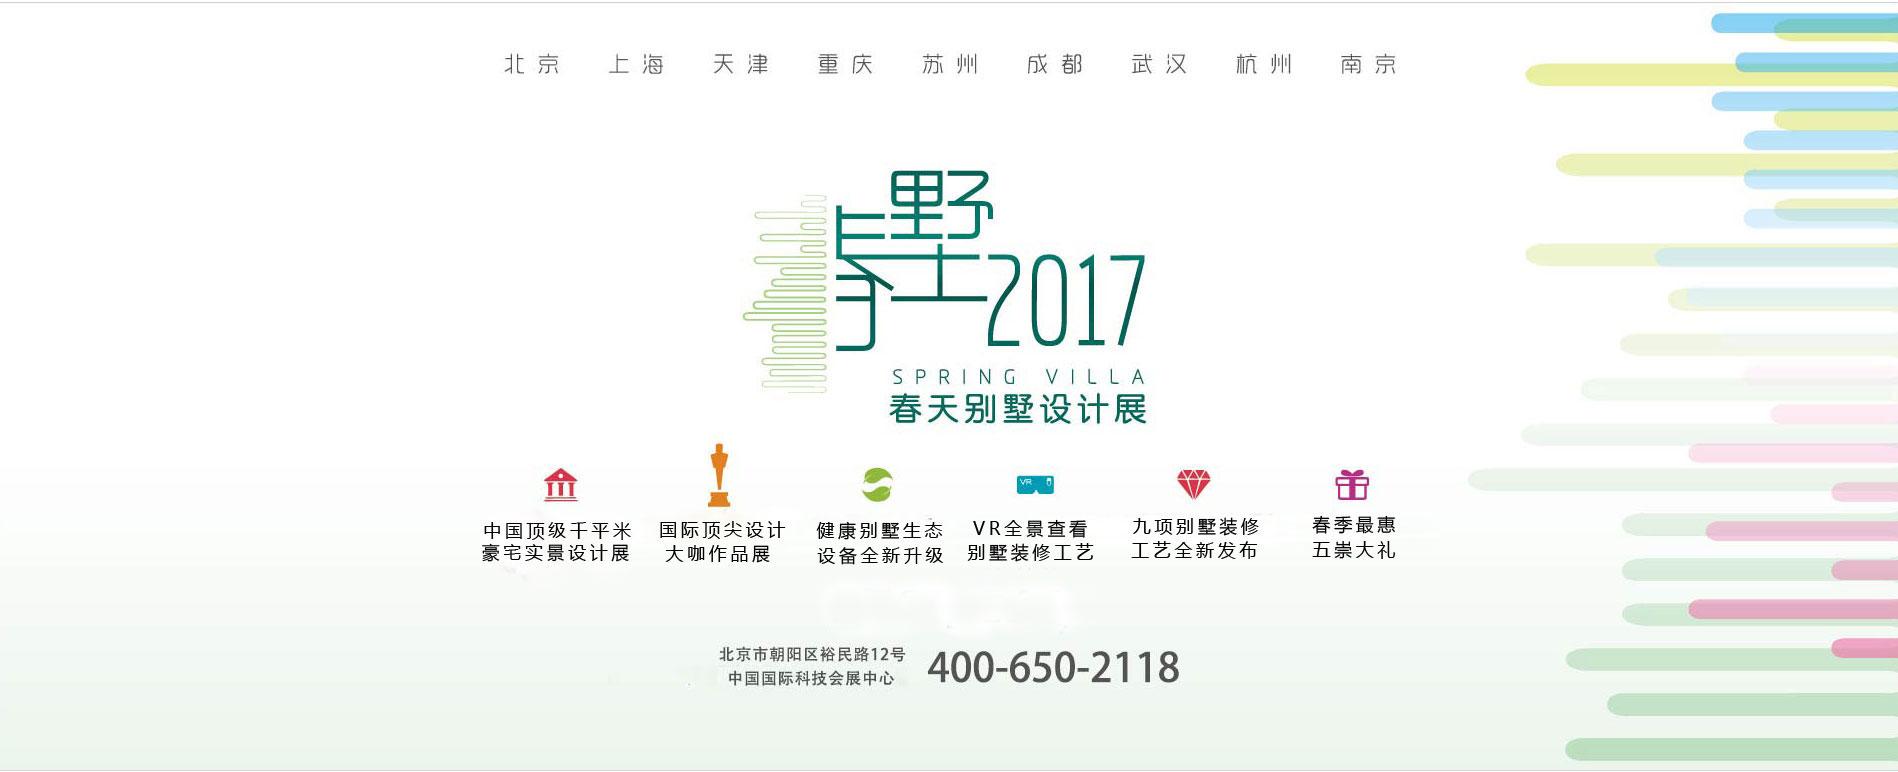 尚层装饰春季别墅设计展